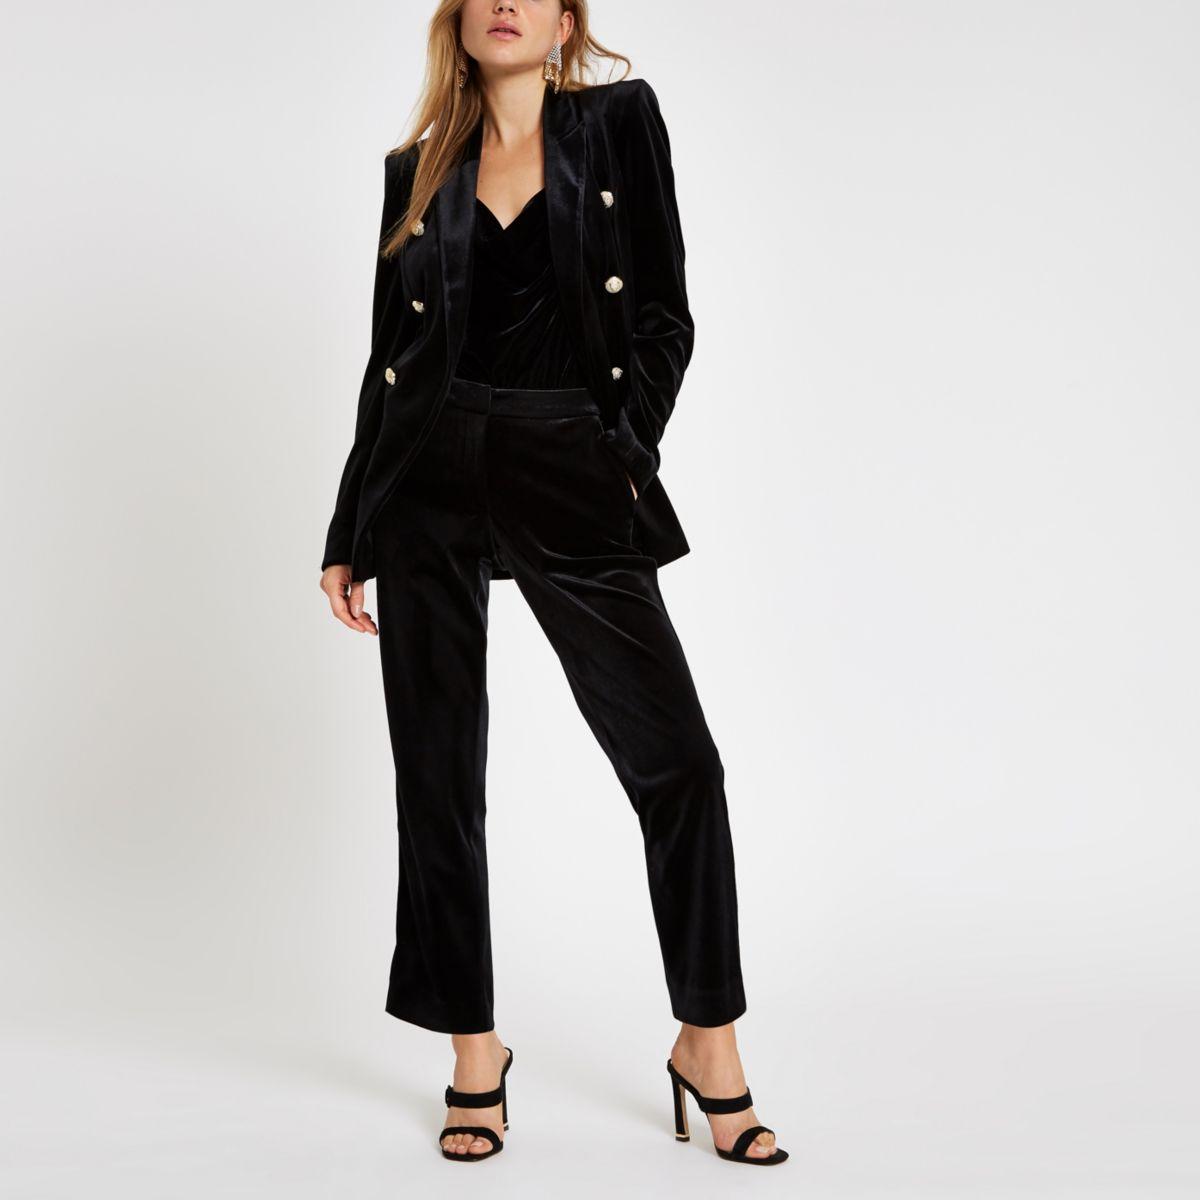 Black velvet cigarette trousers